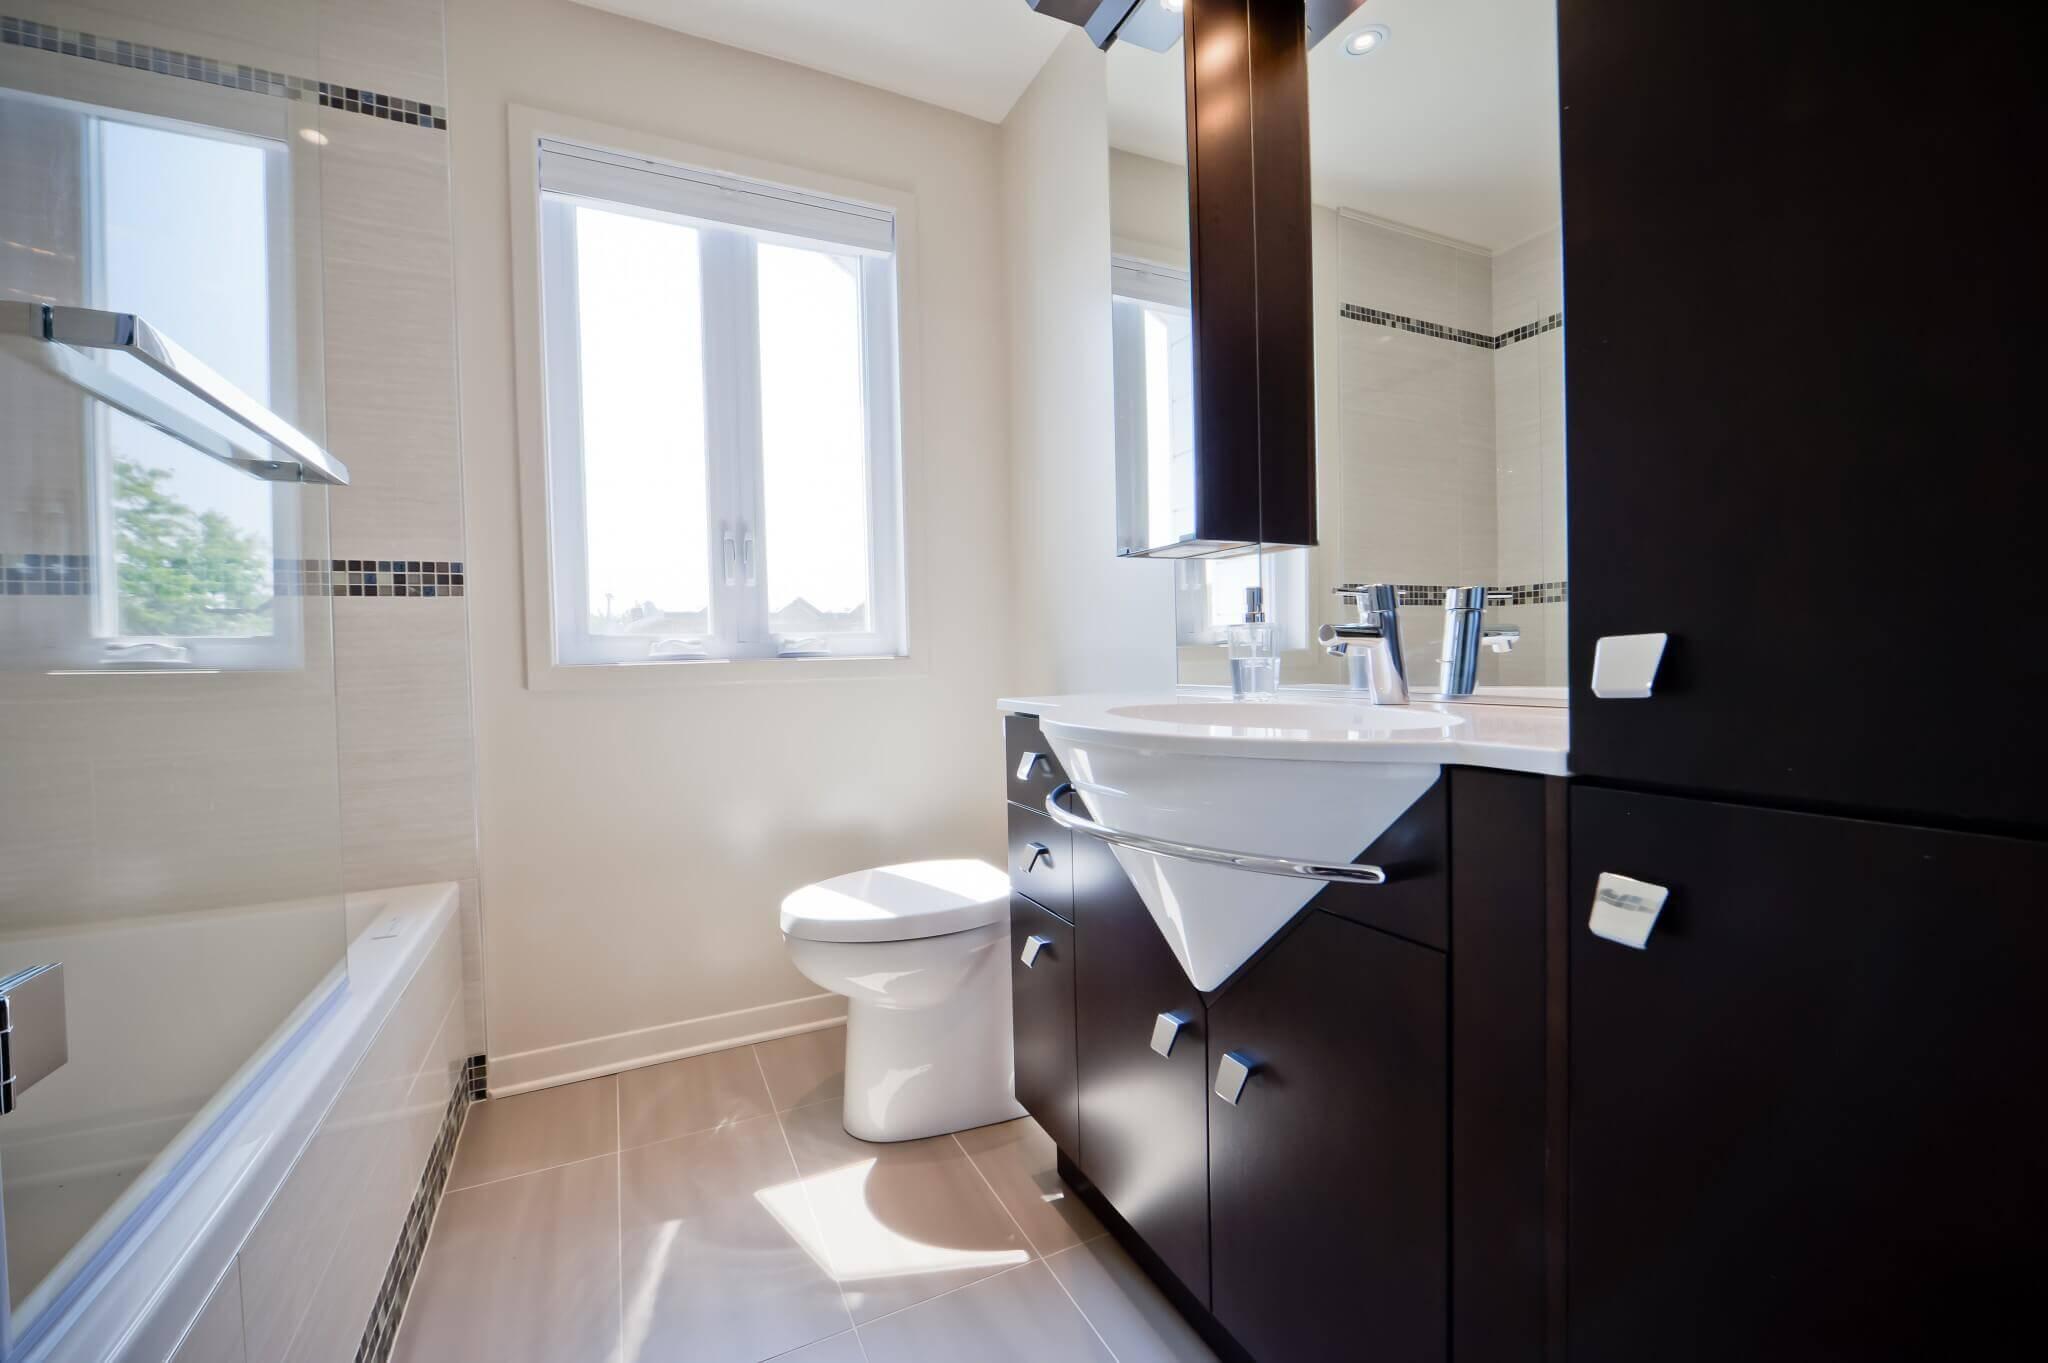 salle de bain vanite brune